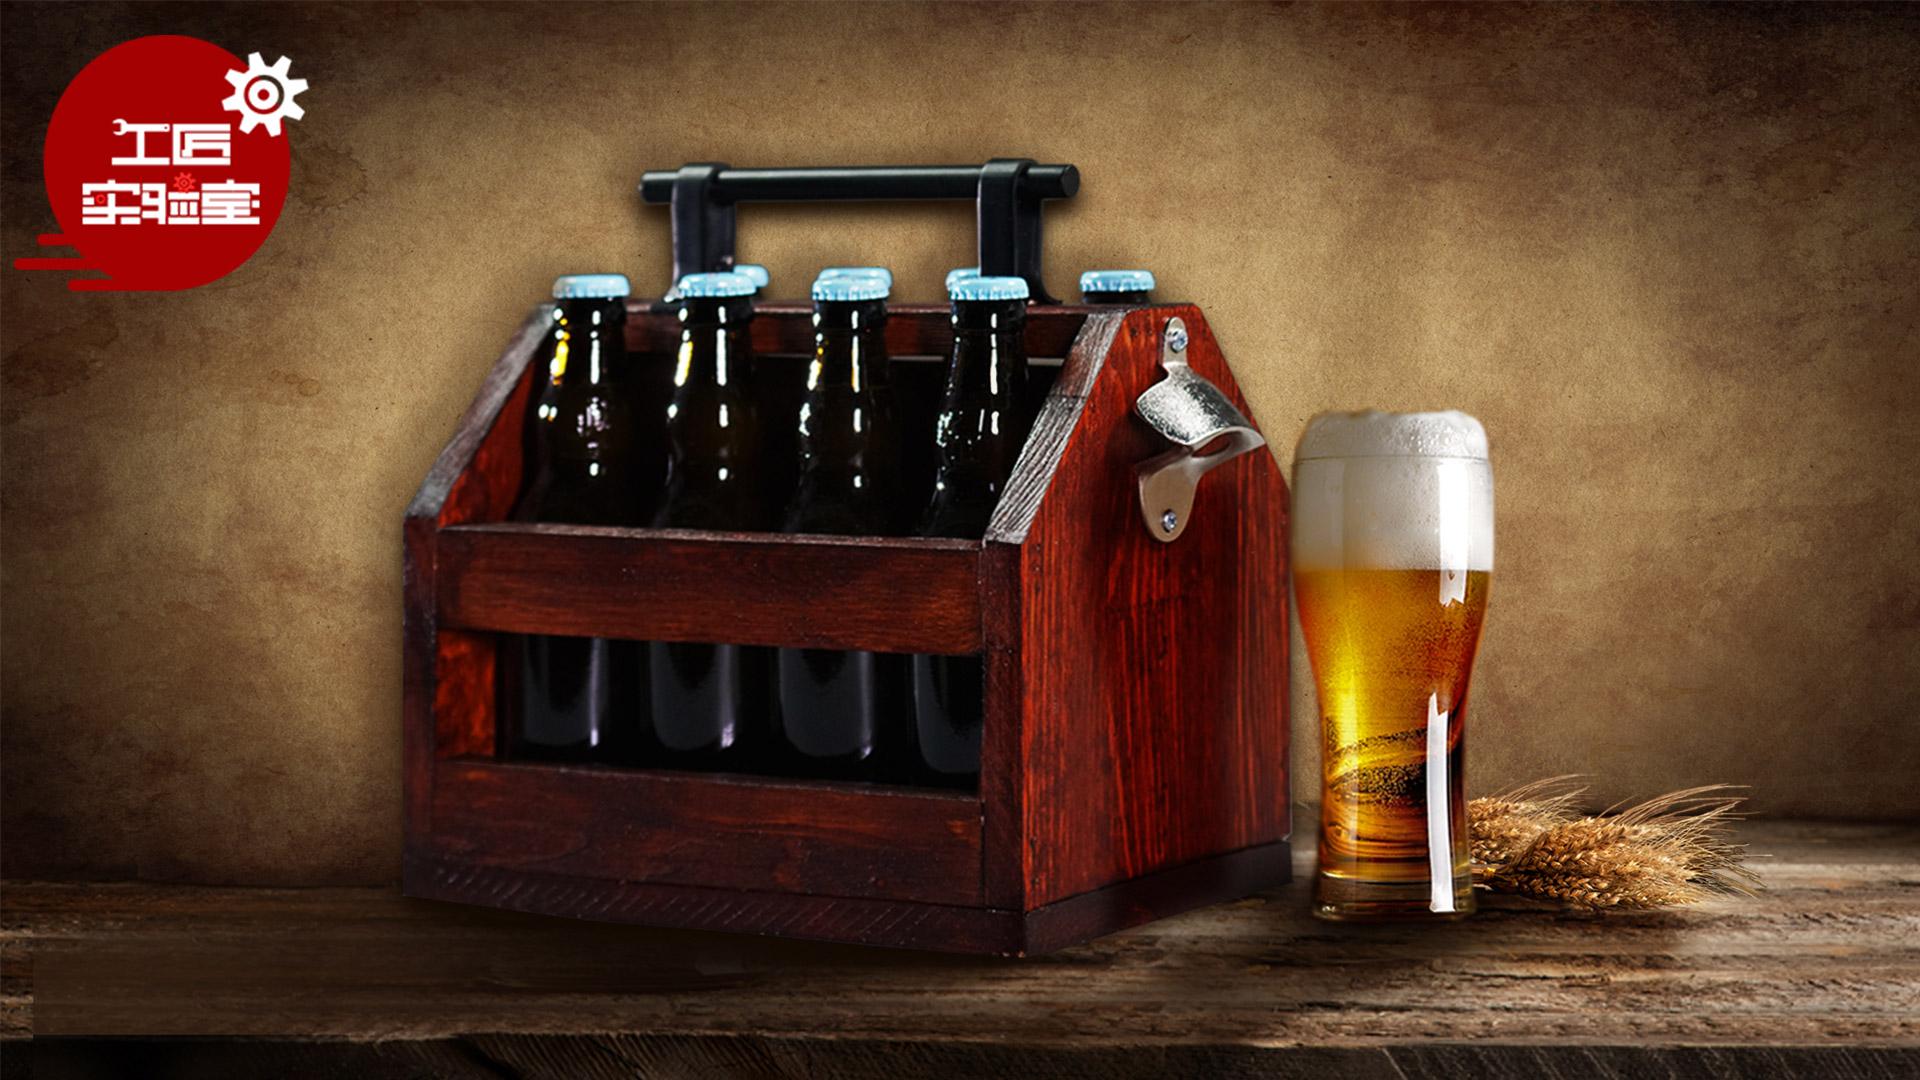 磁力便携啤酒架